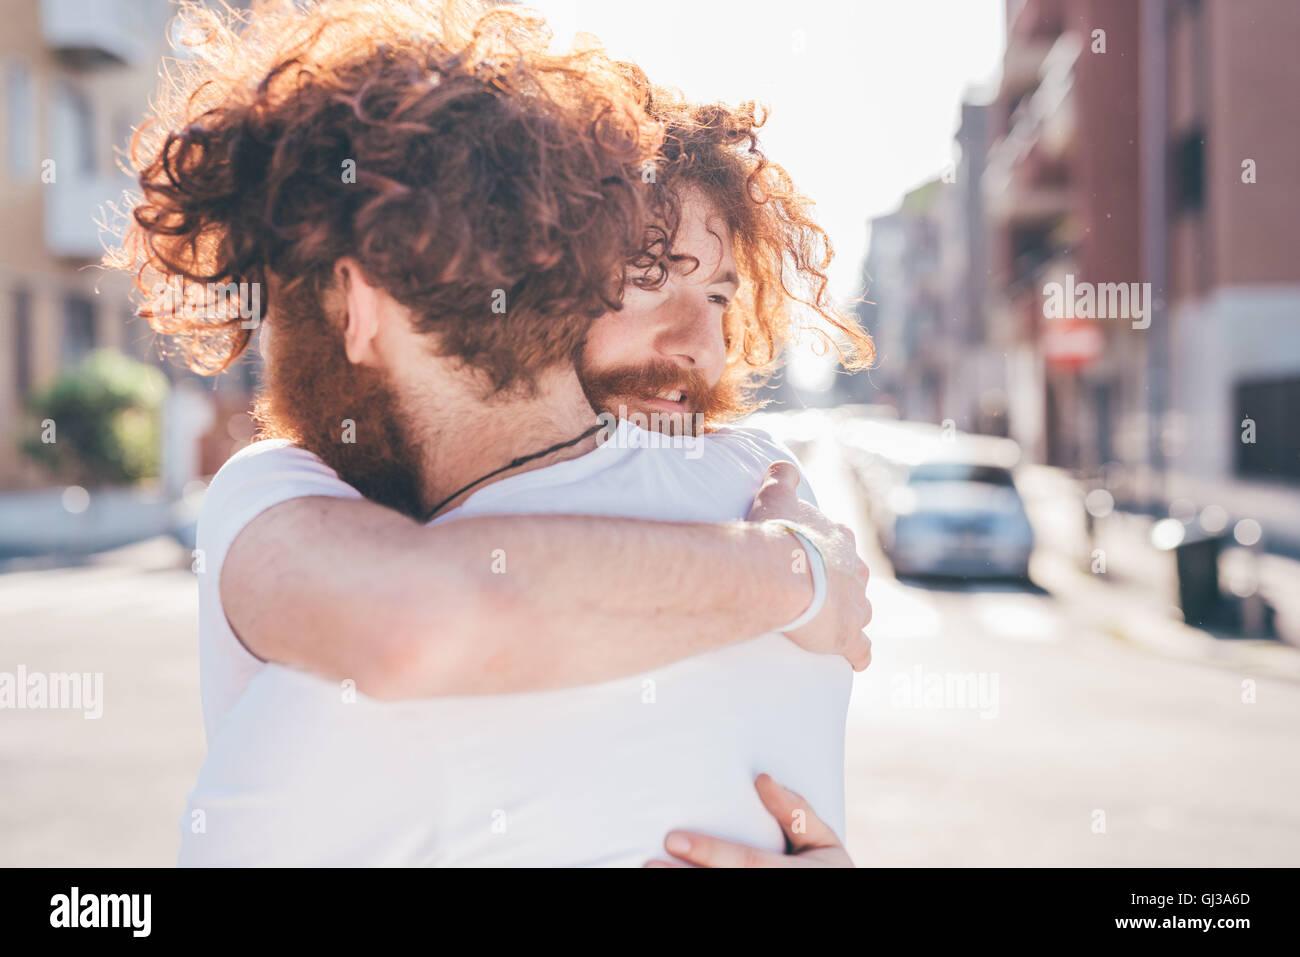 Giovane maschio hipster gemelli con i capelli rossi e le barbe costeggiata sulla strada di città Immagini Stock